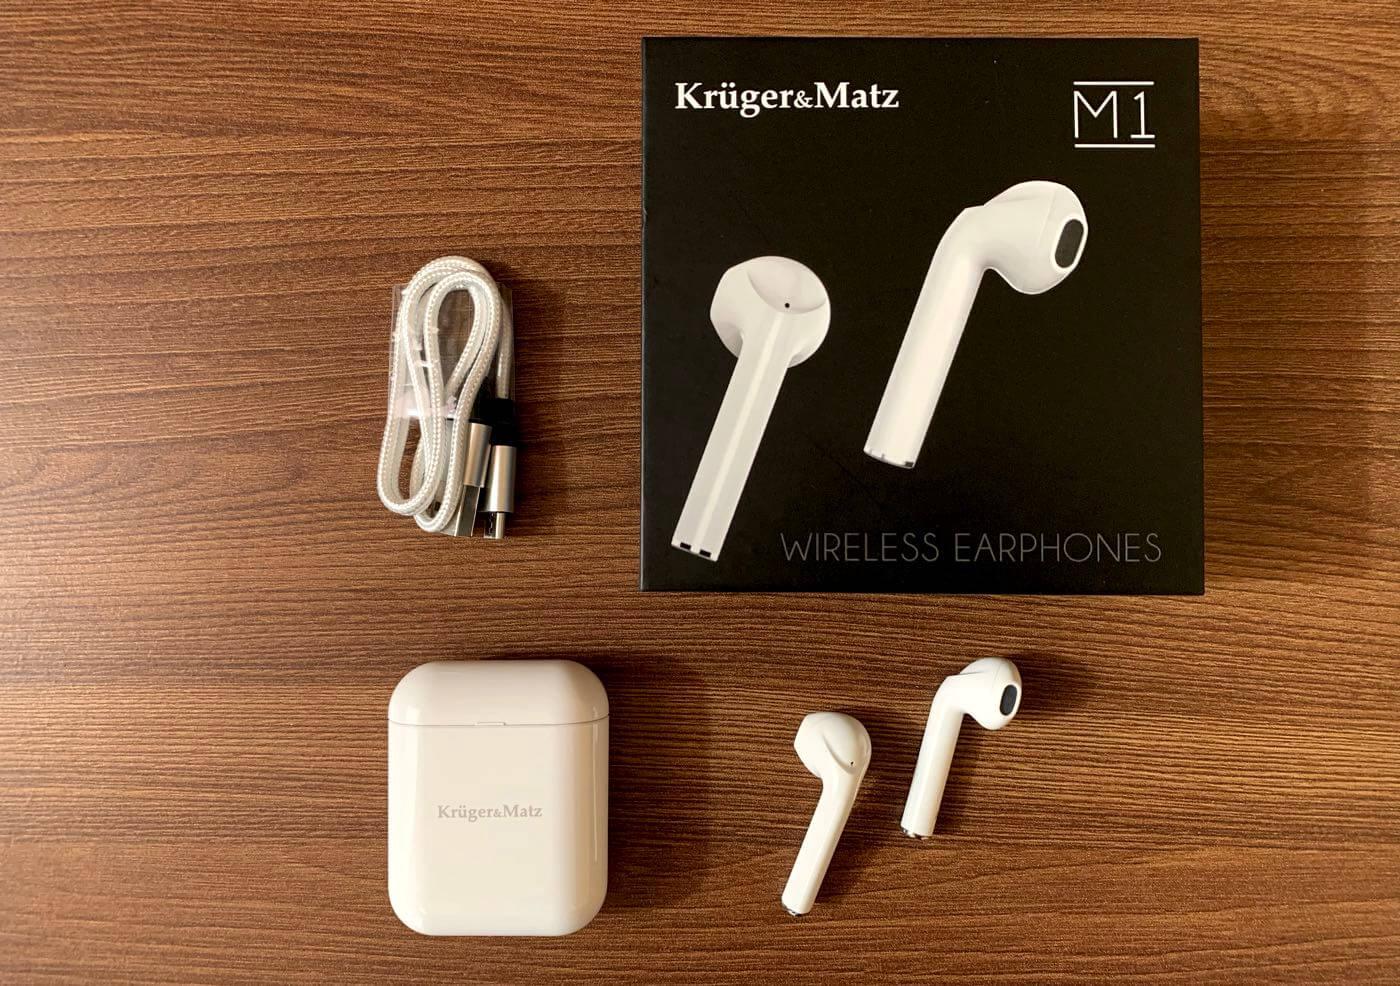 Zawartość opakowania M1 od Krüger&Matz (kabel micro USB, etui ładujące, słuchawki)